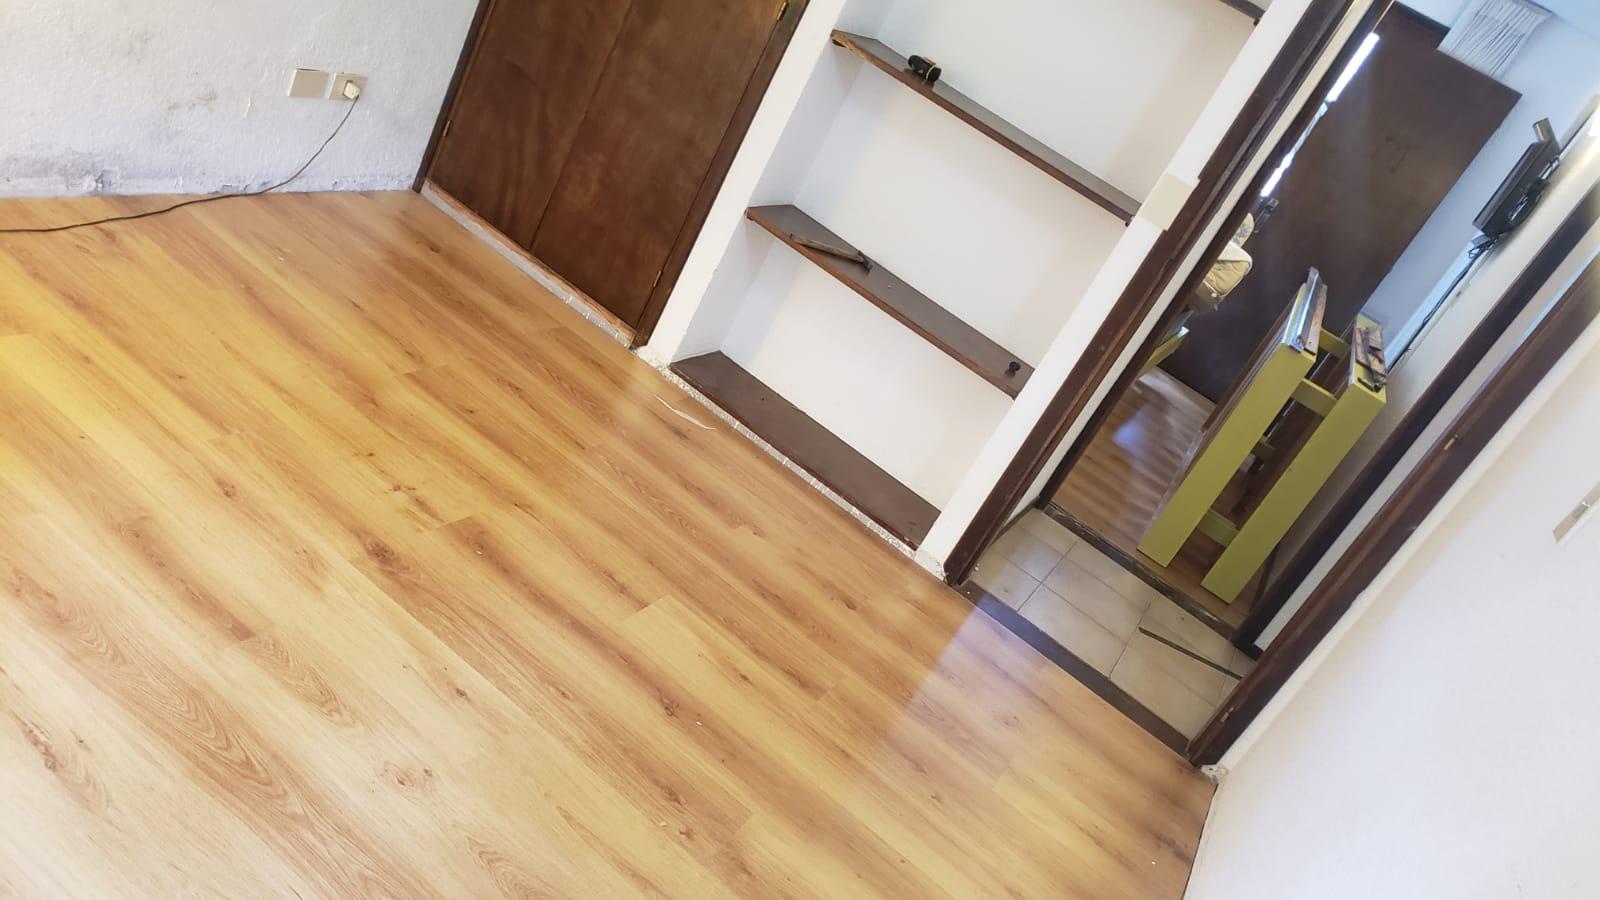 Nuevos pisos flotantes en dormitorios